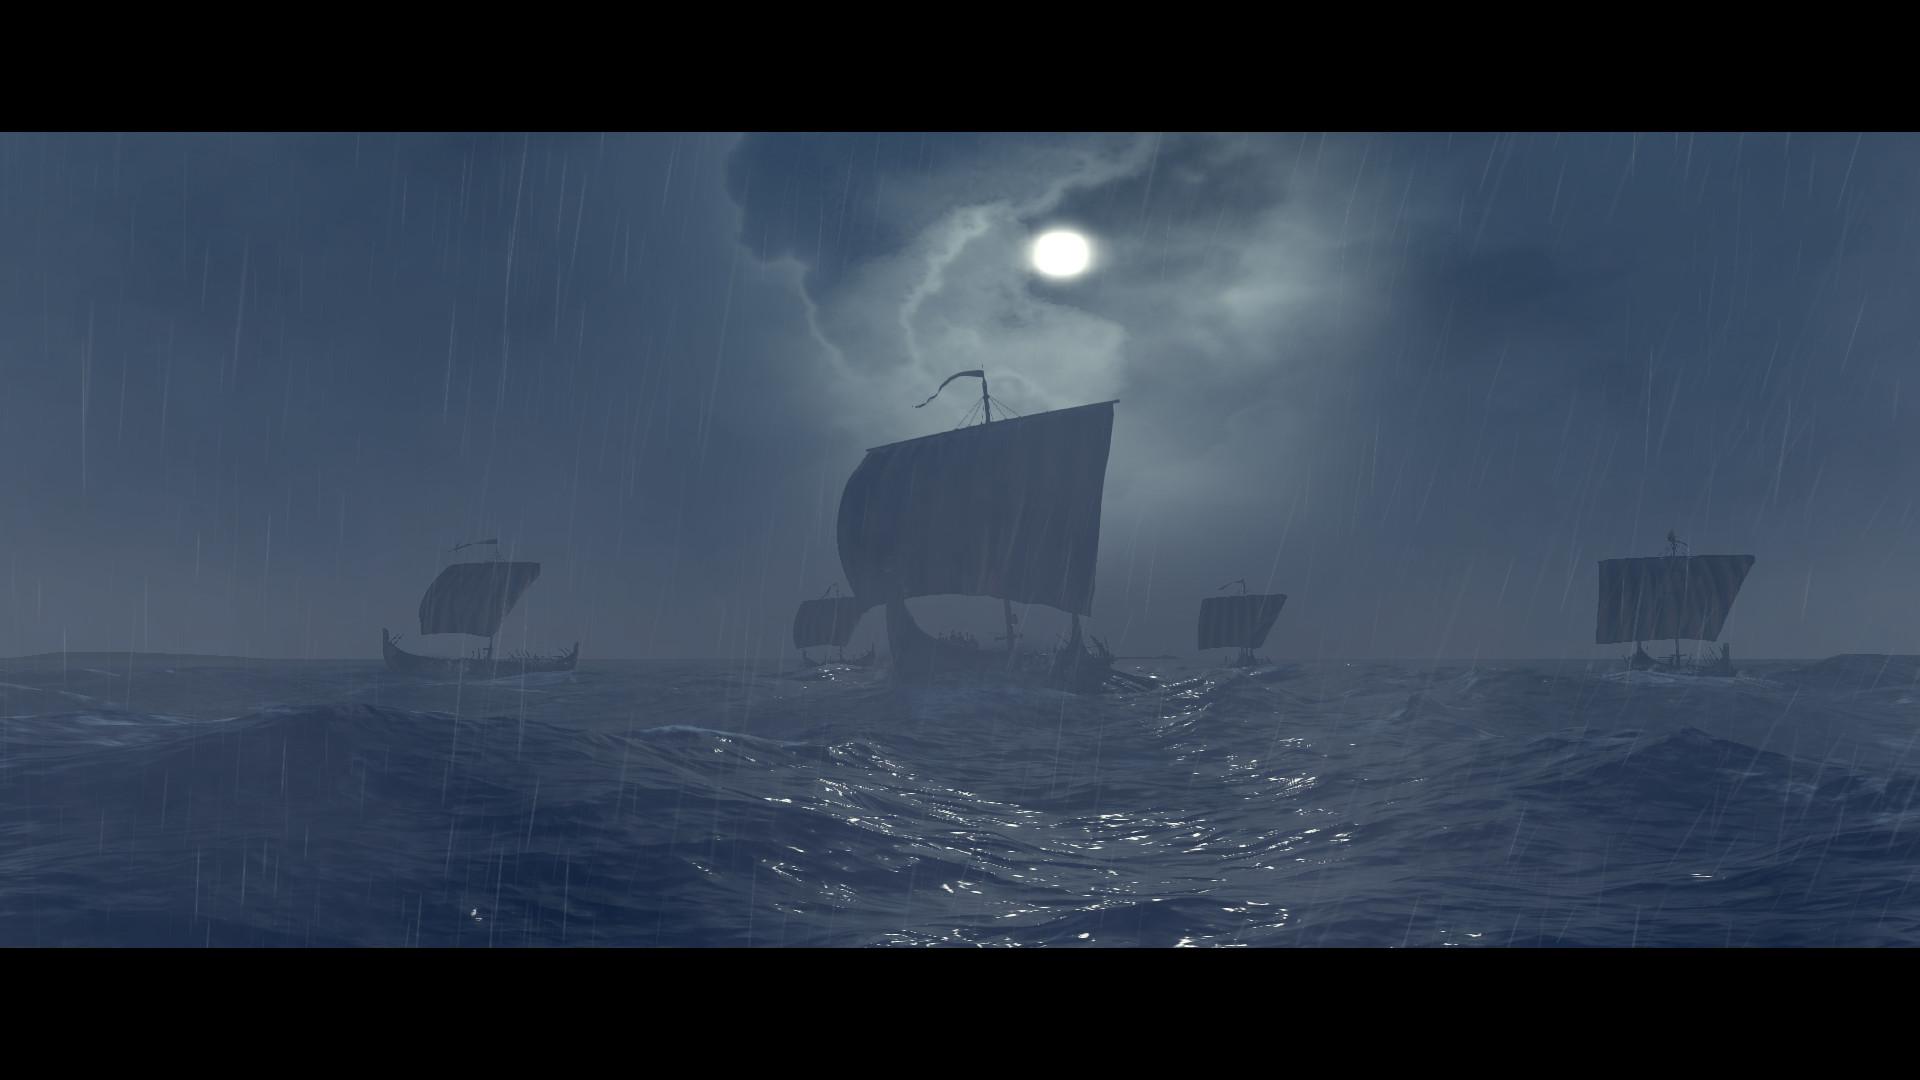 全面战争传奇:大不列颠王座游戏图片欣赏